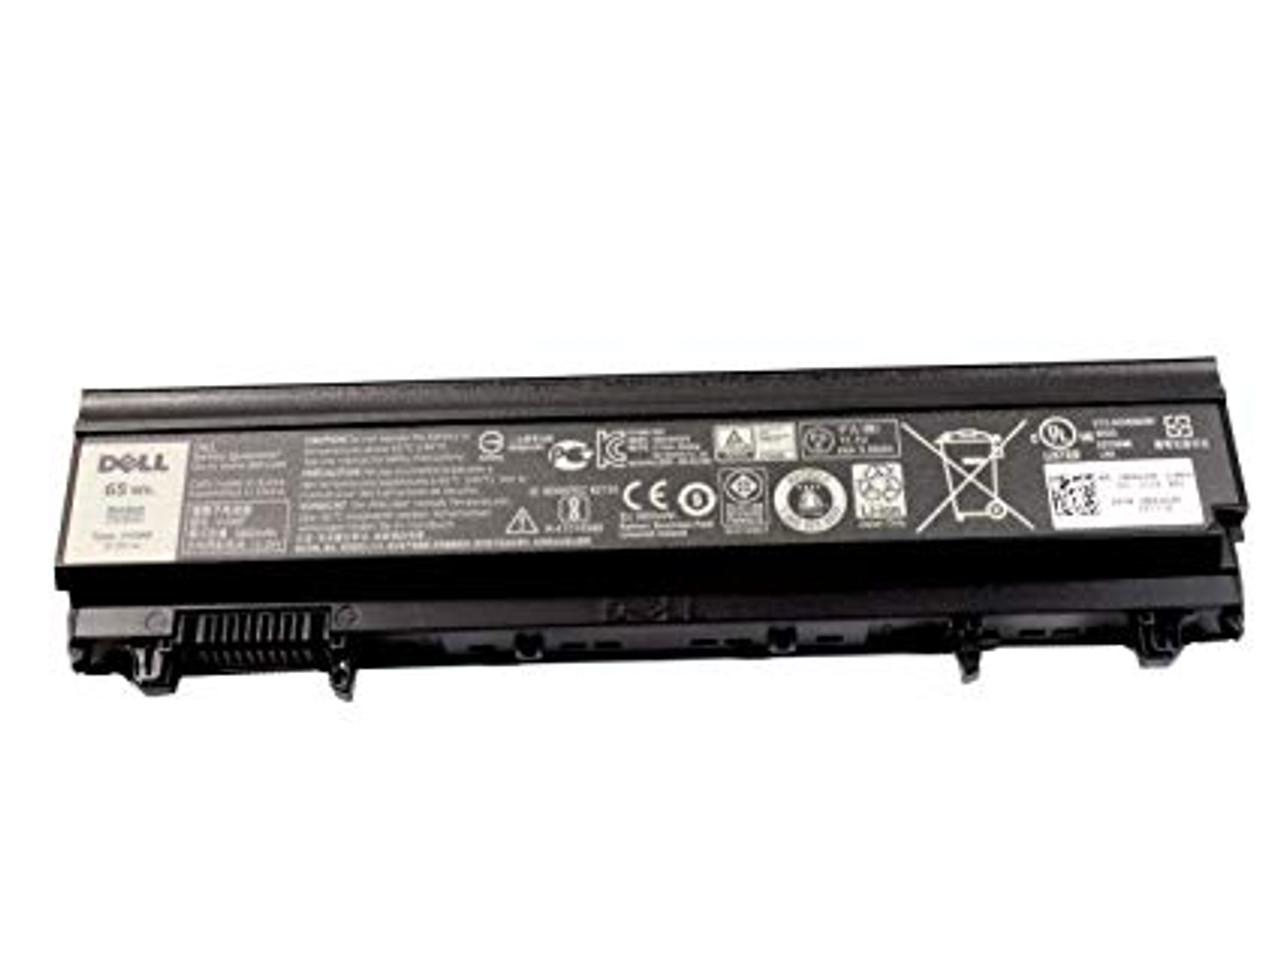 Original Dell Latitude E5440, E5540 battery, 6 cell, 65Whr, Type VV0NF